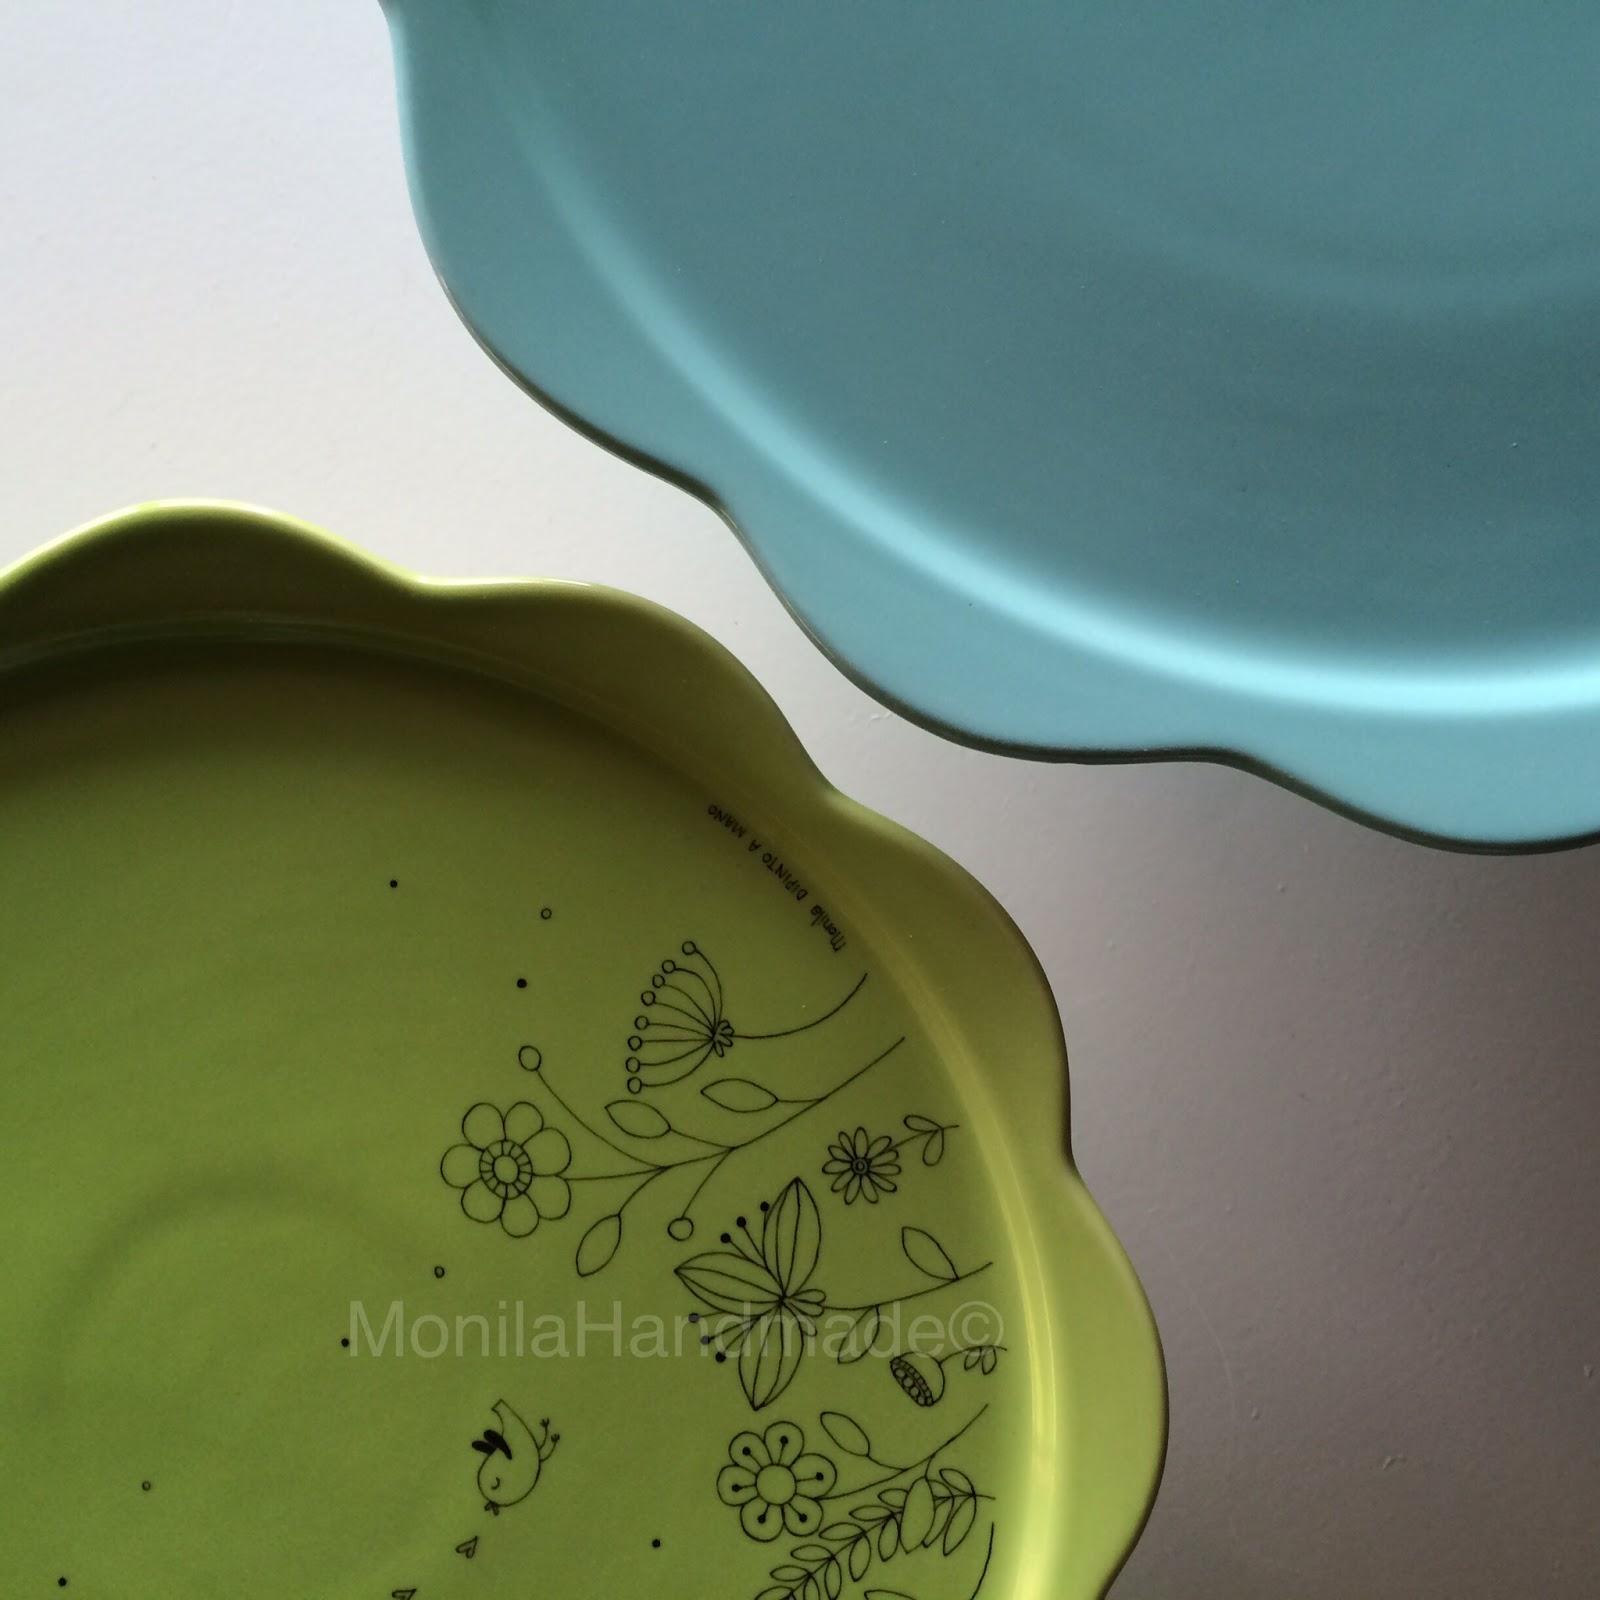 Monila Handmade,porcellana,dipinto a mano,alzatina